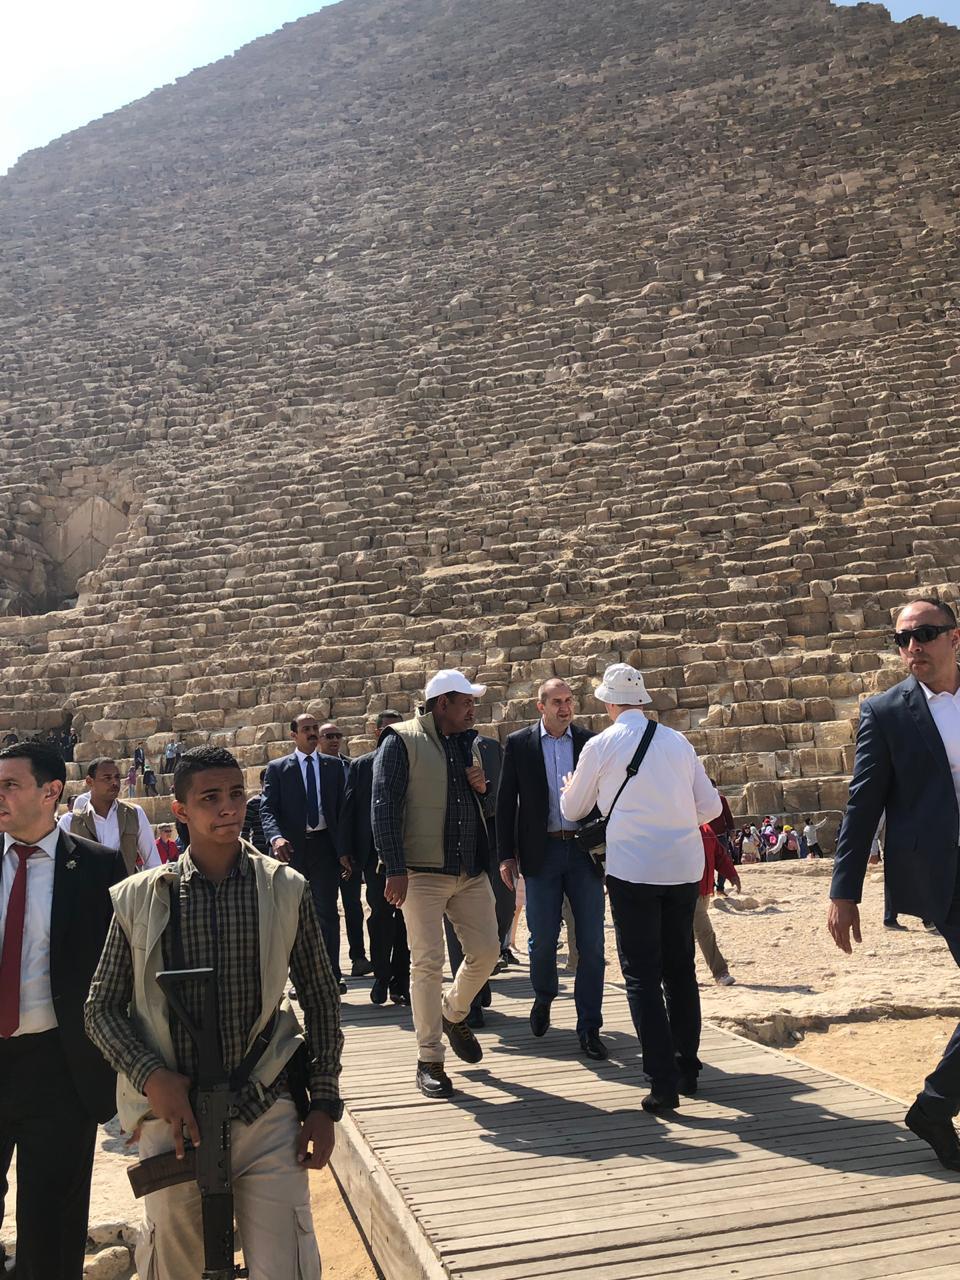 خلال زيارة الرئيس البلغارى وزوجته لمنطقة آثار الهرم (1)